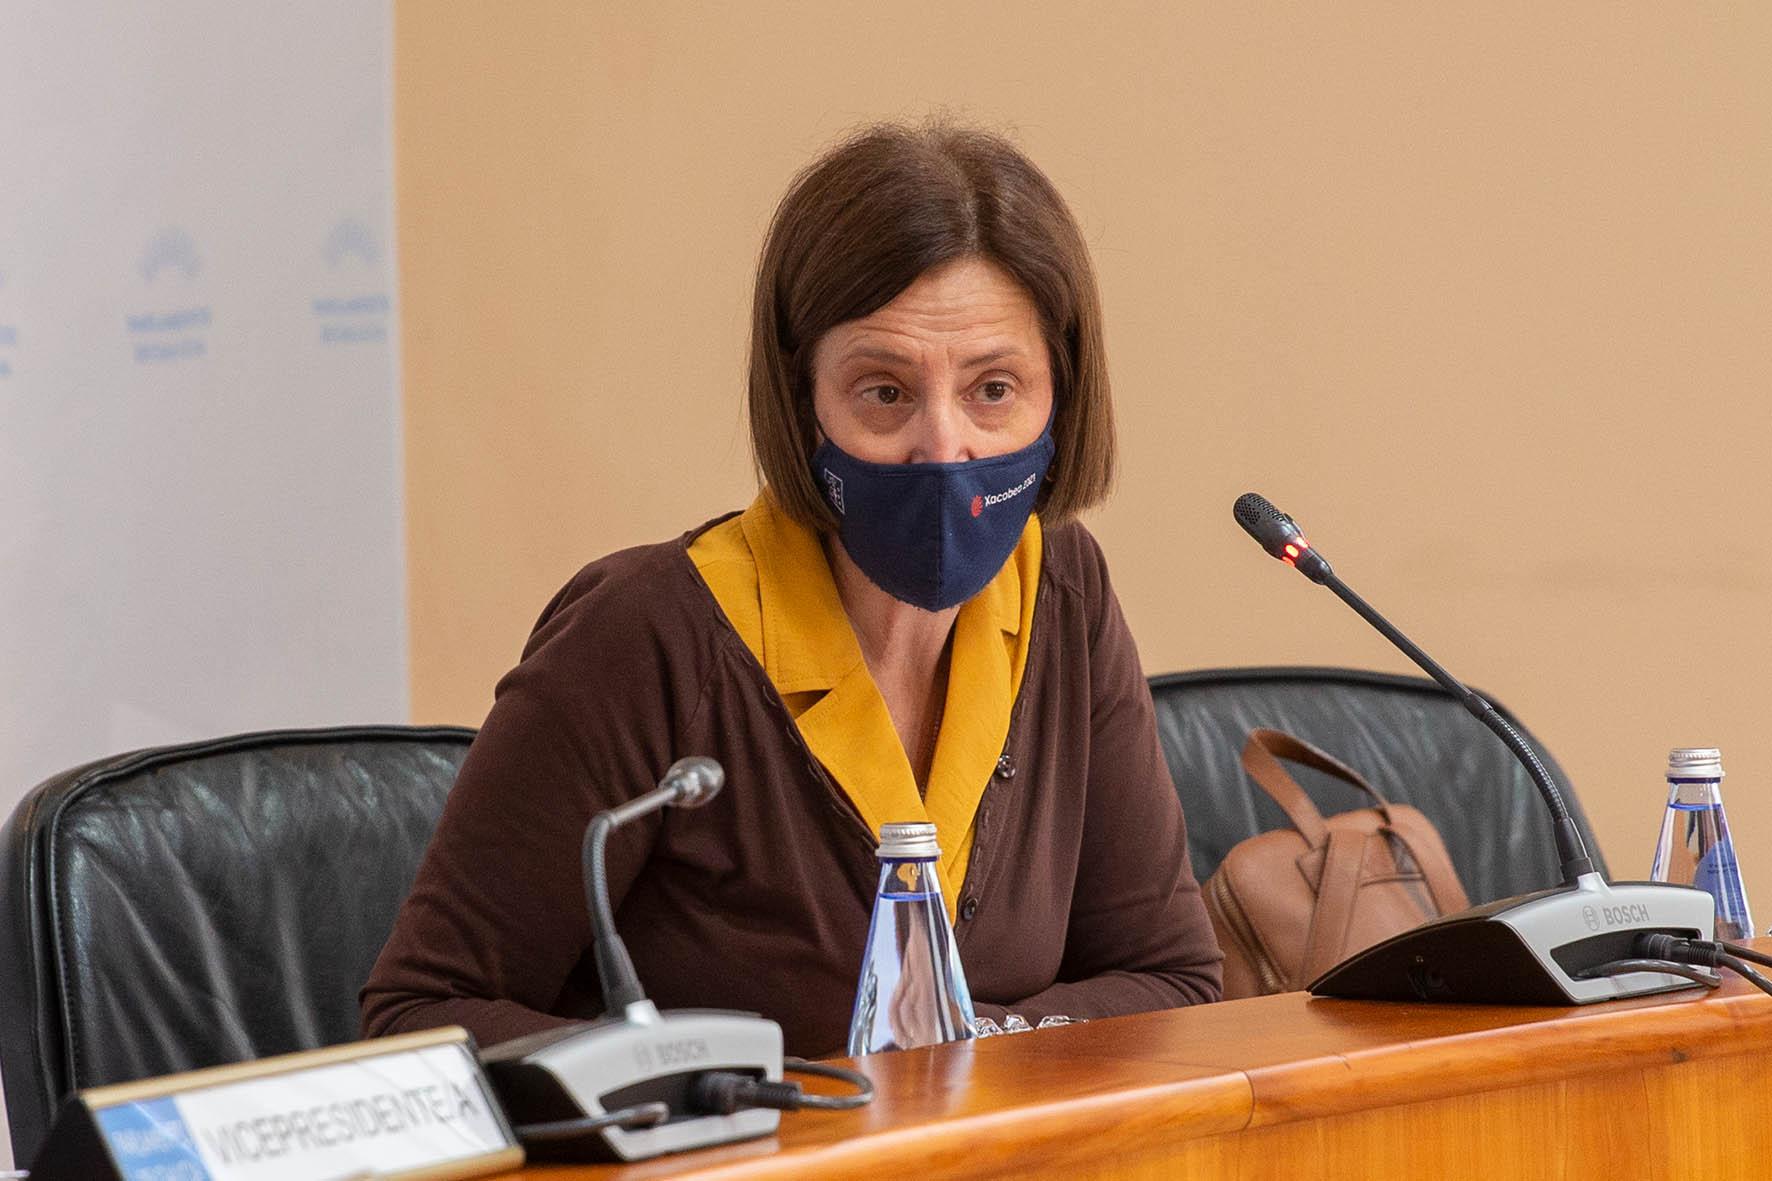 A Xunta reitera a súa disposición a colaborar co saneamento de San Miguel de Reinante pero advirte de que